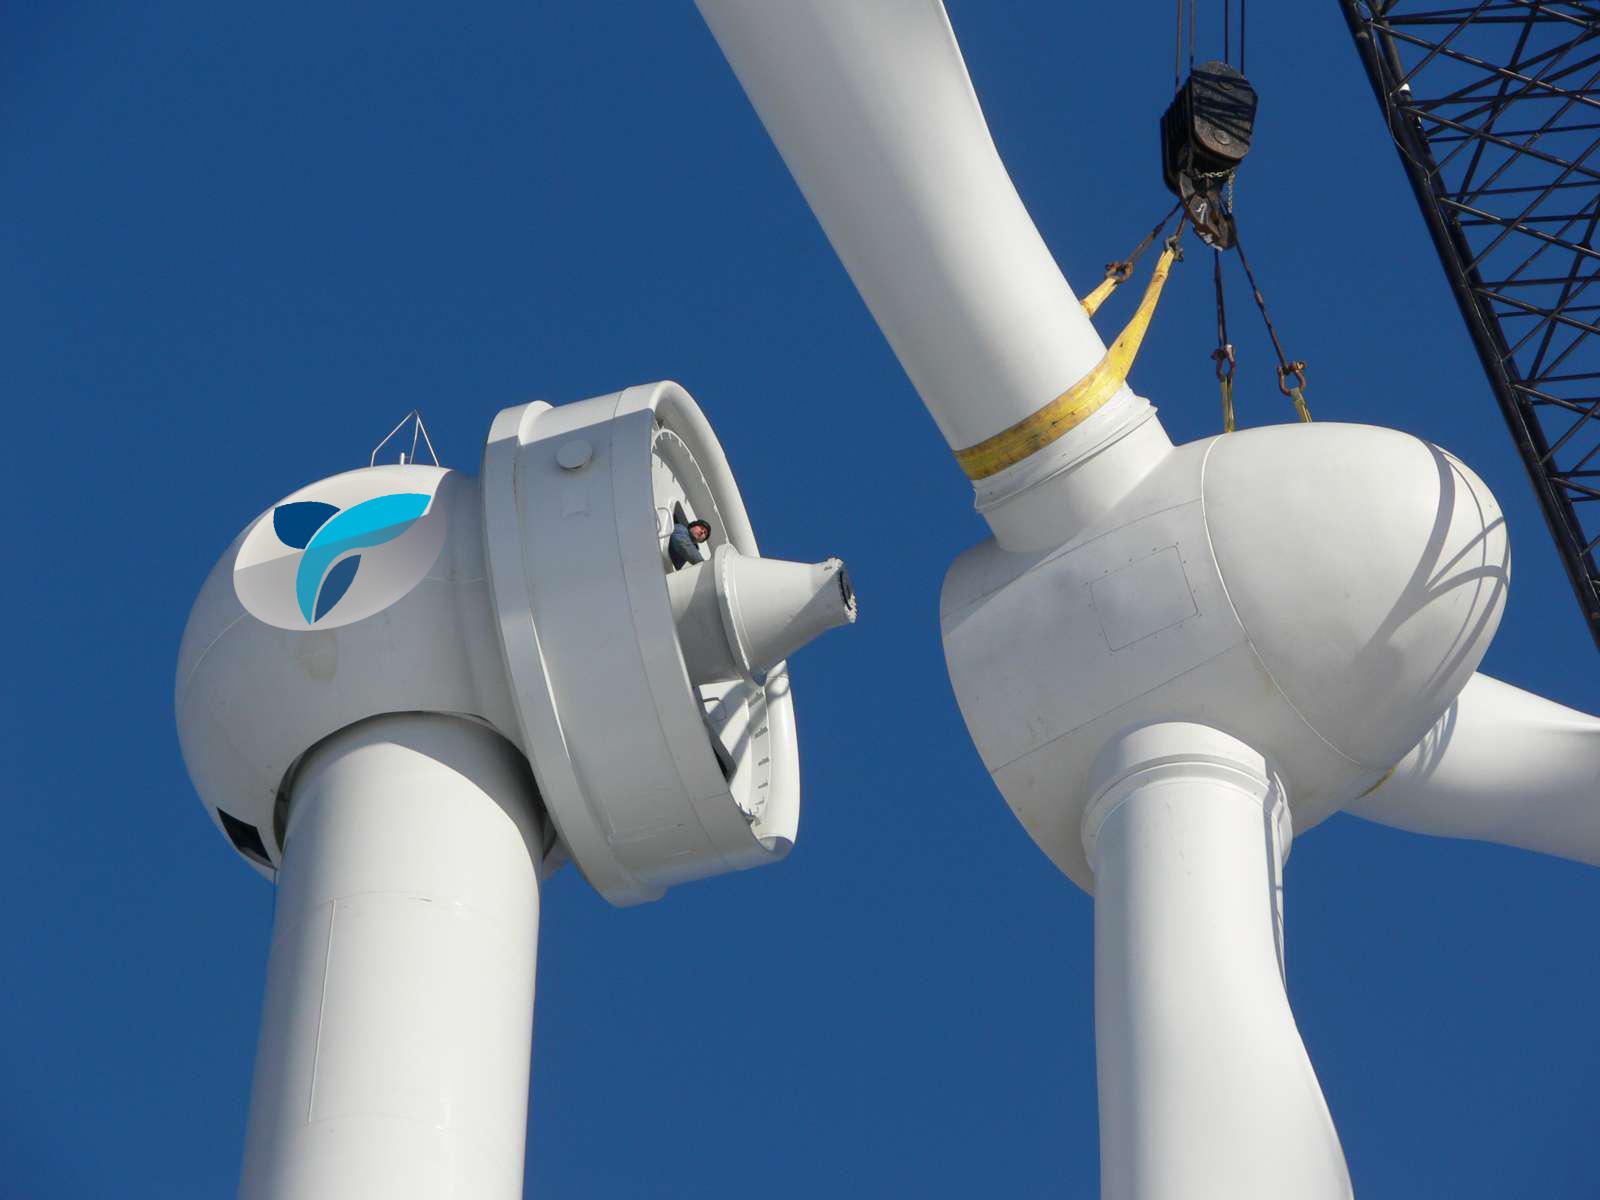 """Los 148 parques eólicos de Andalucía generan más de 6,6 millones de MWh, el 50% del total de las energías renovables. Eólica en Andalucía: Almería cuenta 511,25 MW eólicos. Andalucía ha multiplicado por cinco la potencia instalada en energía eólica en el último lustro y es la Comunidad Autónoma que más ha crecido en esta tecnología, que actualmente produce 6,6 millones de MWh (megavatios hora). Gracias a ella y según los datos aportados por la Consejería de Economía, Innovación, Ciencia y Empleo, a través de la Agencia Andaluza de la Energía, se abastece a una población equivalente a 1,42 millones de viviendas. Actualmente, Almería es la tercera provincia andaluza en número de parques eólicos, con 19, los cuales suman 511,25 MW de potencia instalada. A principios de 2007, la región contaba con 605 MW en funcionamiento, correspondientes a 41 parques eólicos. A mayo de 2013, esta cifra asciende a 3.320,43 MW lo que la sitúa como la cuarta Comunidad Autónoma con mayor potencia eólica total conectada a red, por detrás de Castilla y León (5.108 MW), Castilla la Mancha (3.715 MW) y Galicia (3.275 MW). El director general de la Agencia Andaluza de la Energía, Rafael Márquez, ha destacado que """"la Junta de Andalucía apuesta decididamente por un modelo energético basado en el uso de recursos autóctonos como la energía proveniente del viento y entre sus objetivos tiene el aprovechamiento de las energías renovables para compensar la ausencia de combustibles fósiles en nuestra región"""". Los 3.320 MW eólicos se distribuyen en 148 parques que evitan la emisión a la atmósfera de 2,42 millones de toneladas de CO2, como si retirásemos de la circulación más de un millón y medio de vehículos. El fuerte crecimiento de esta tecnología renovable ha permitido que hoy la energía eólica aporte el 50% de la producción total de electricidad mediante fuentes renovables, siendo la fuente que mayor aporte realiza seguida de la energía termosolar, responsable de un 18% de la producción. Balance reg"""